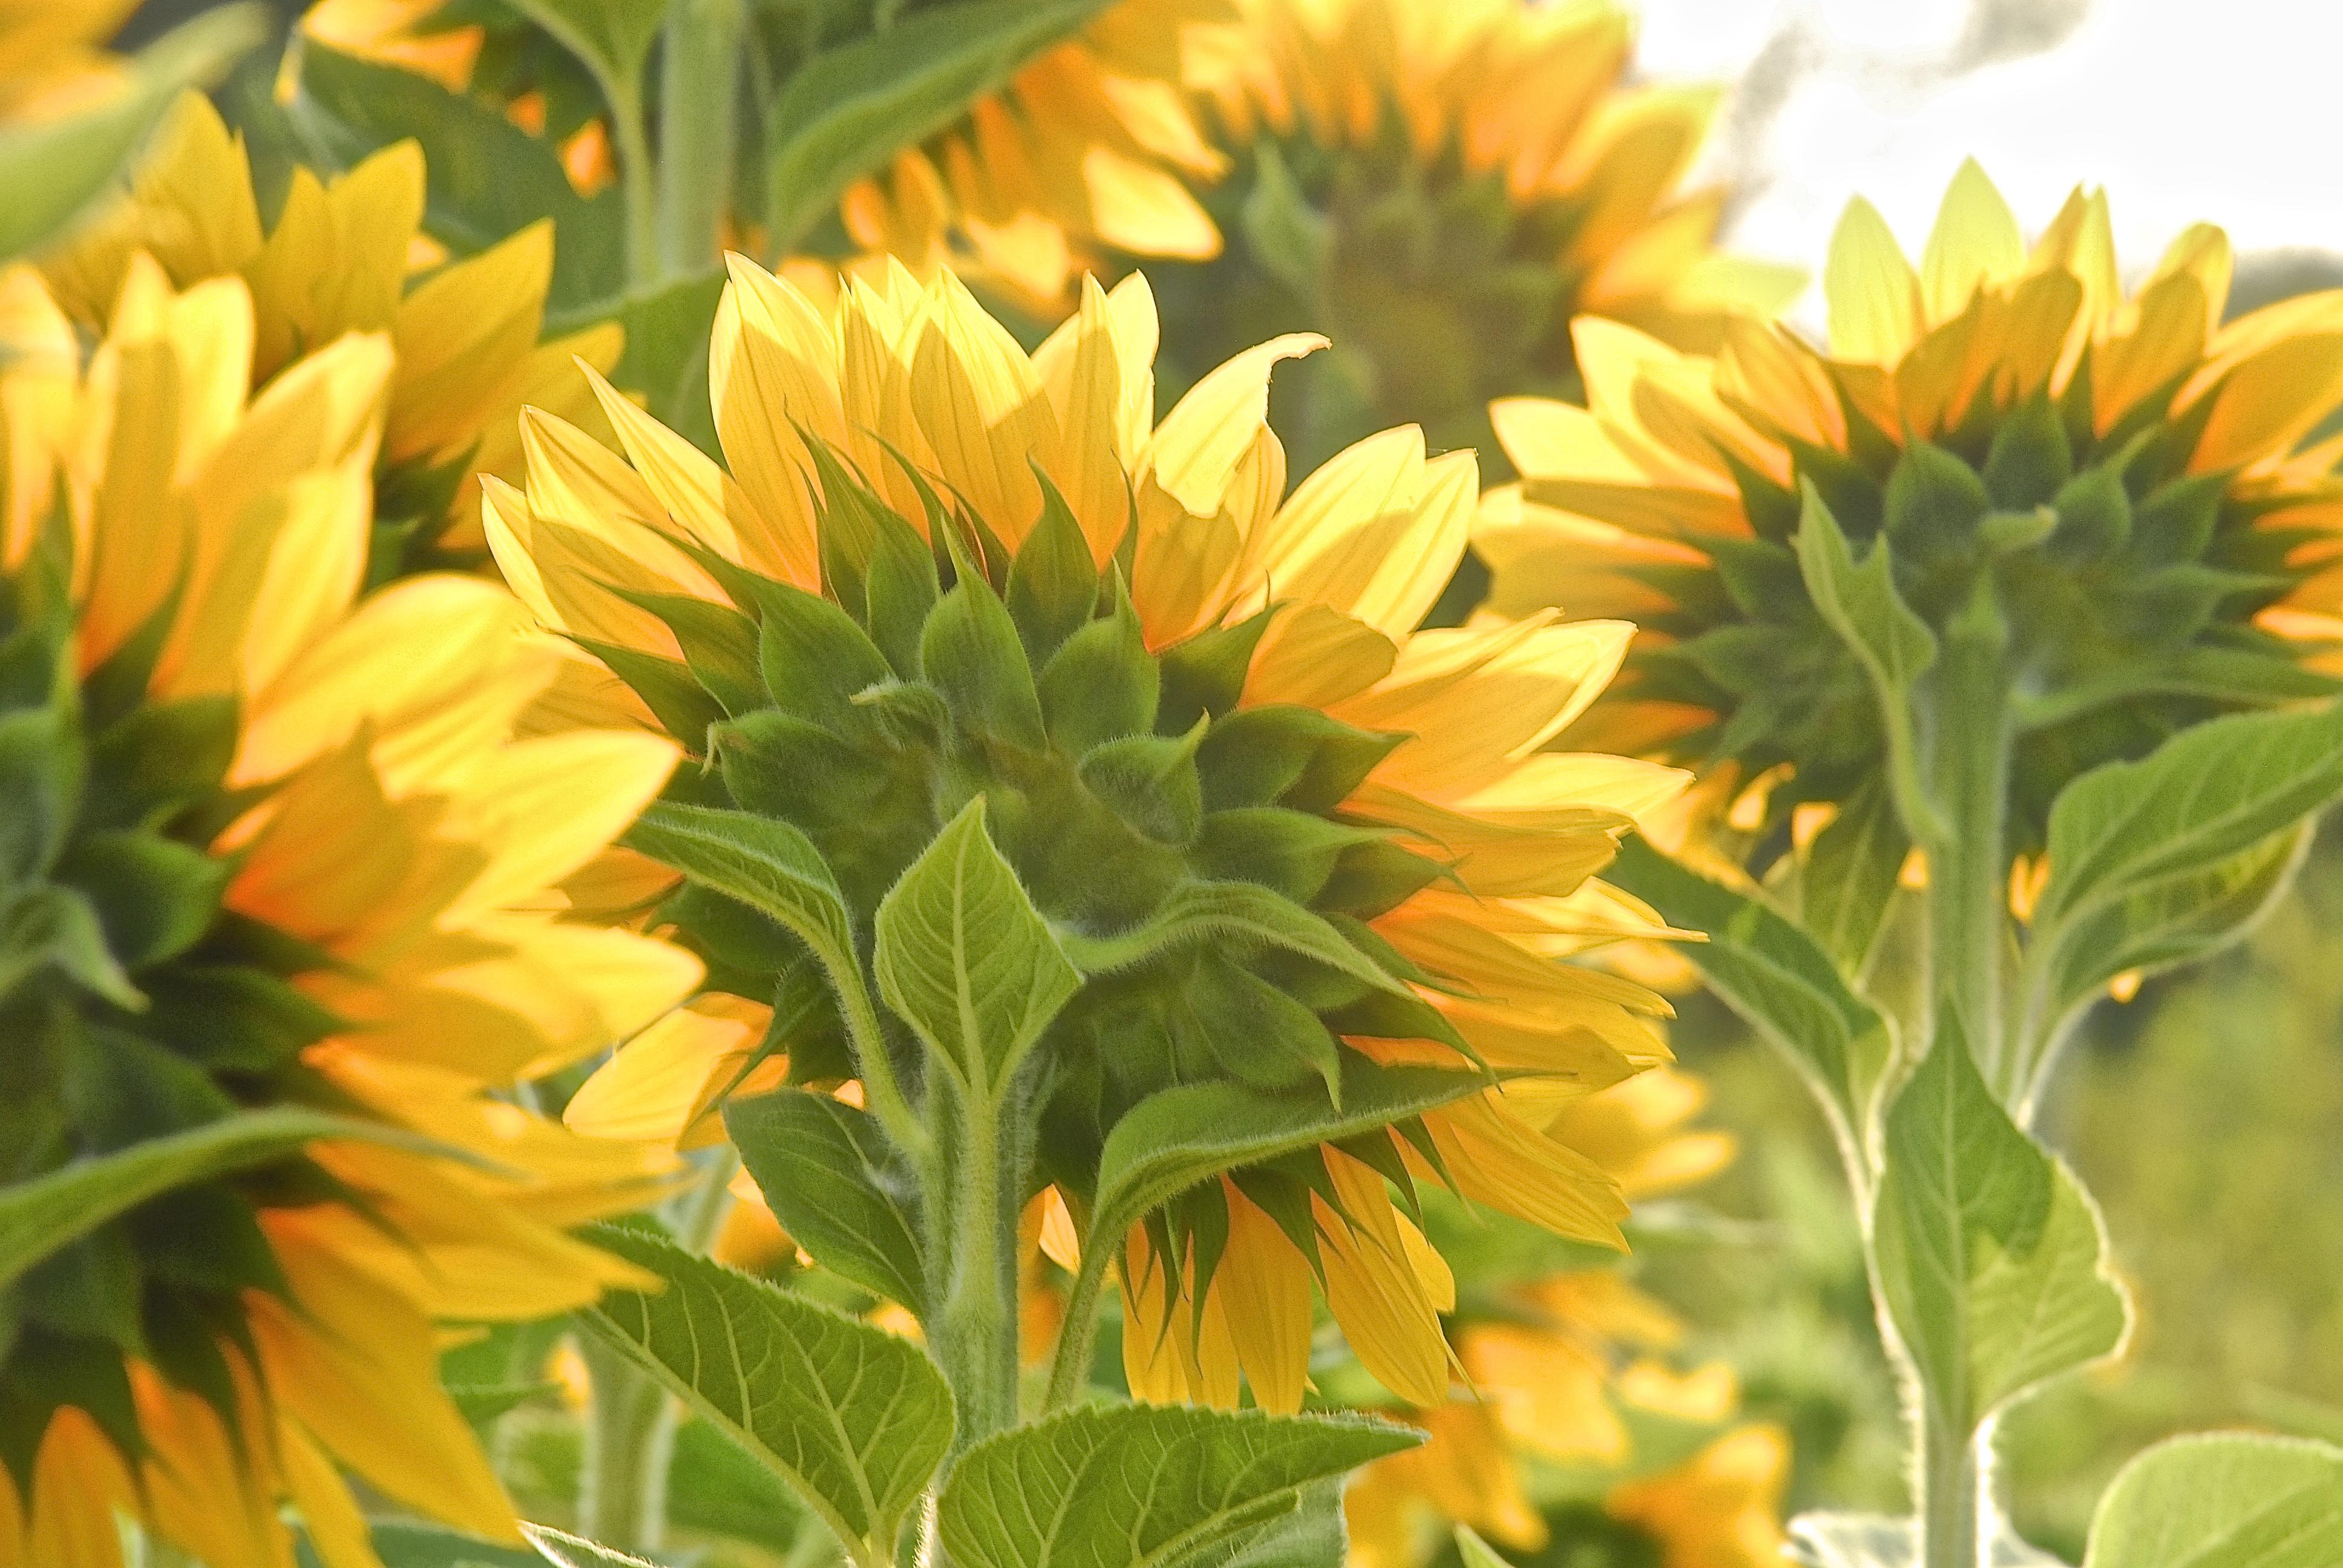 SunflowersFROMBack